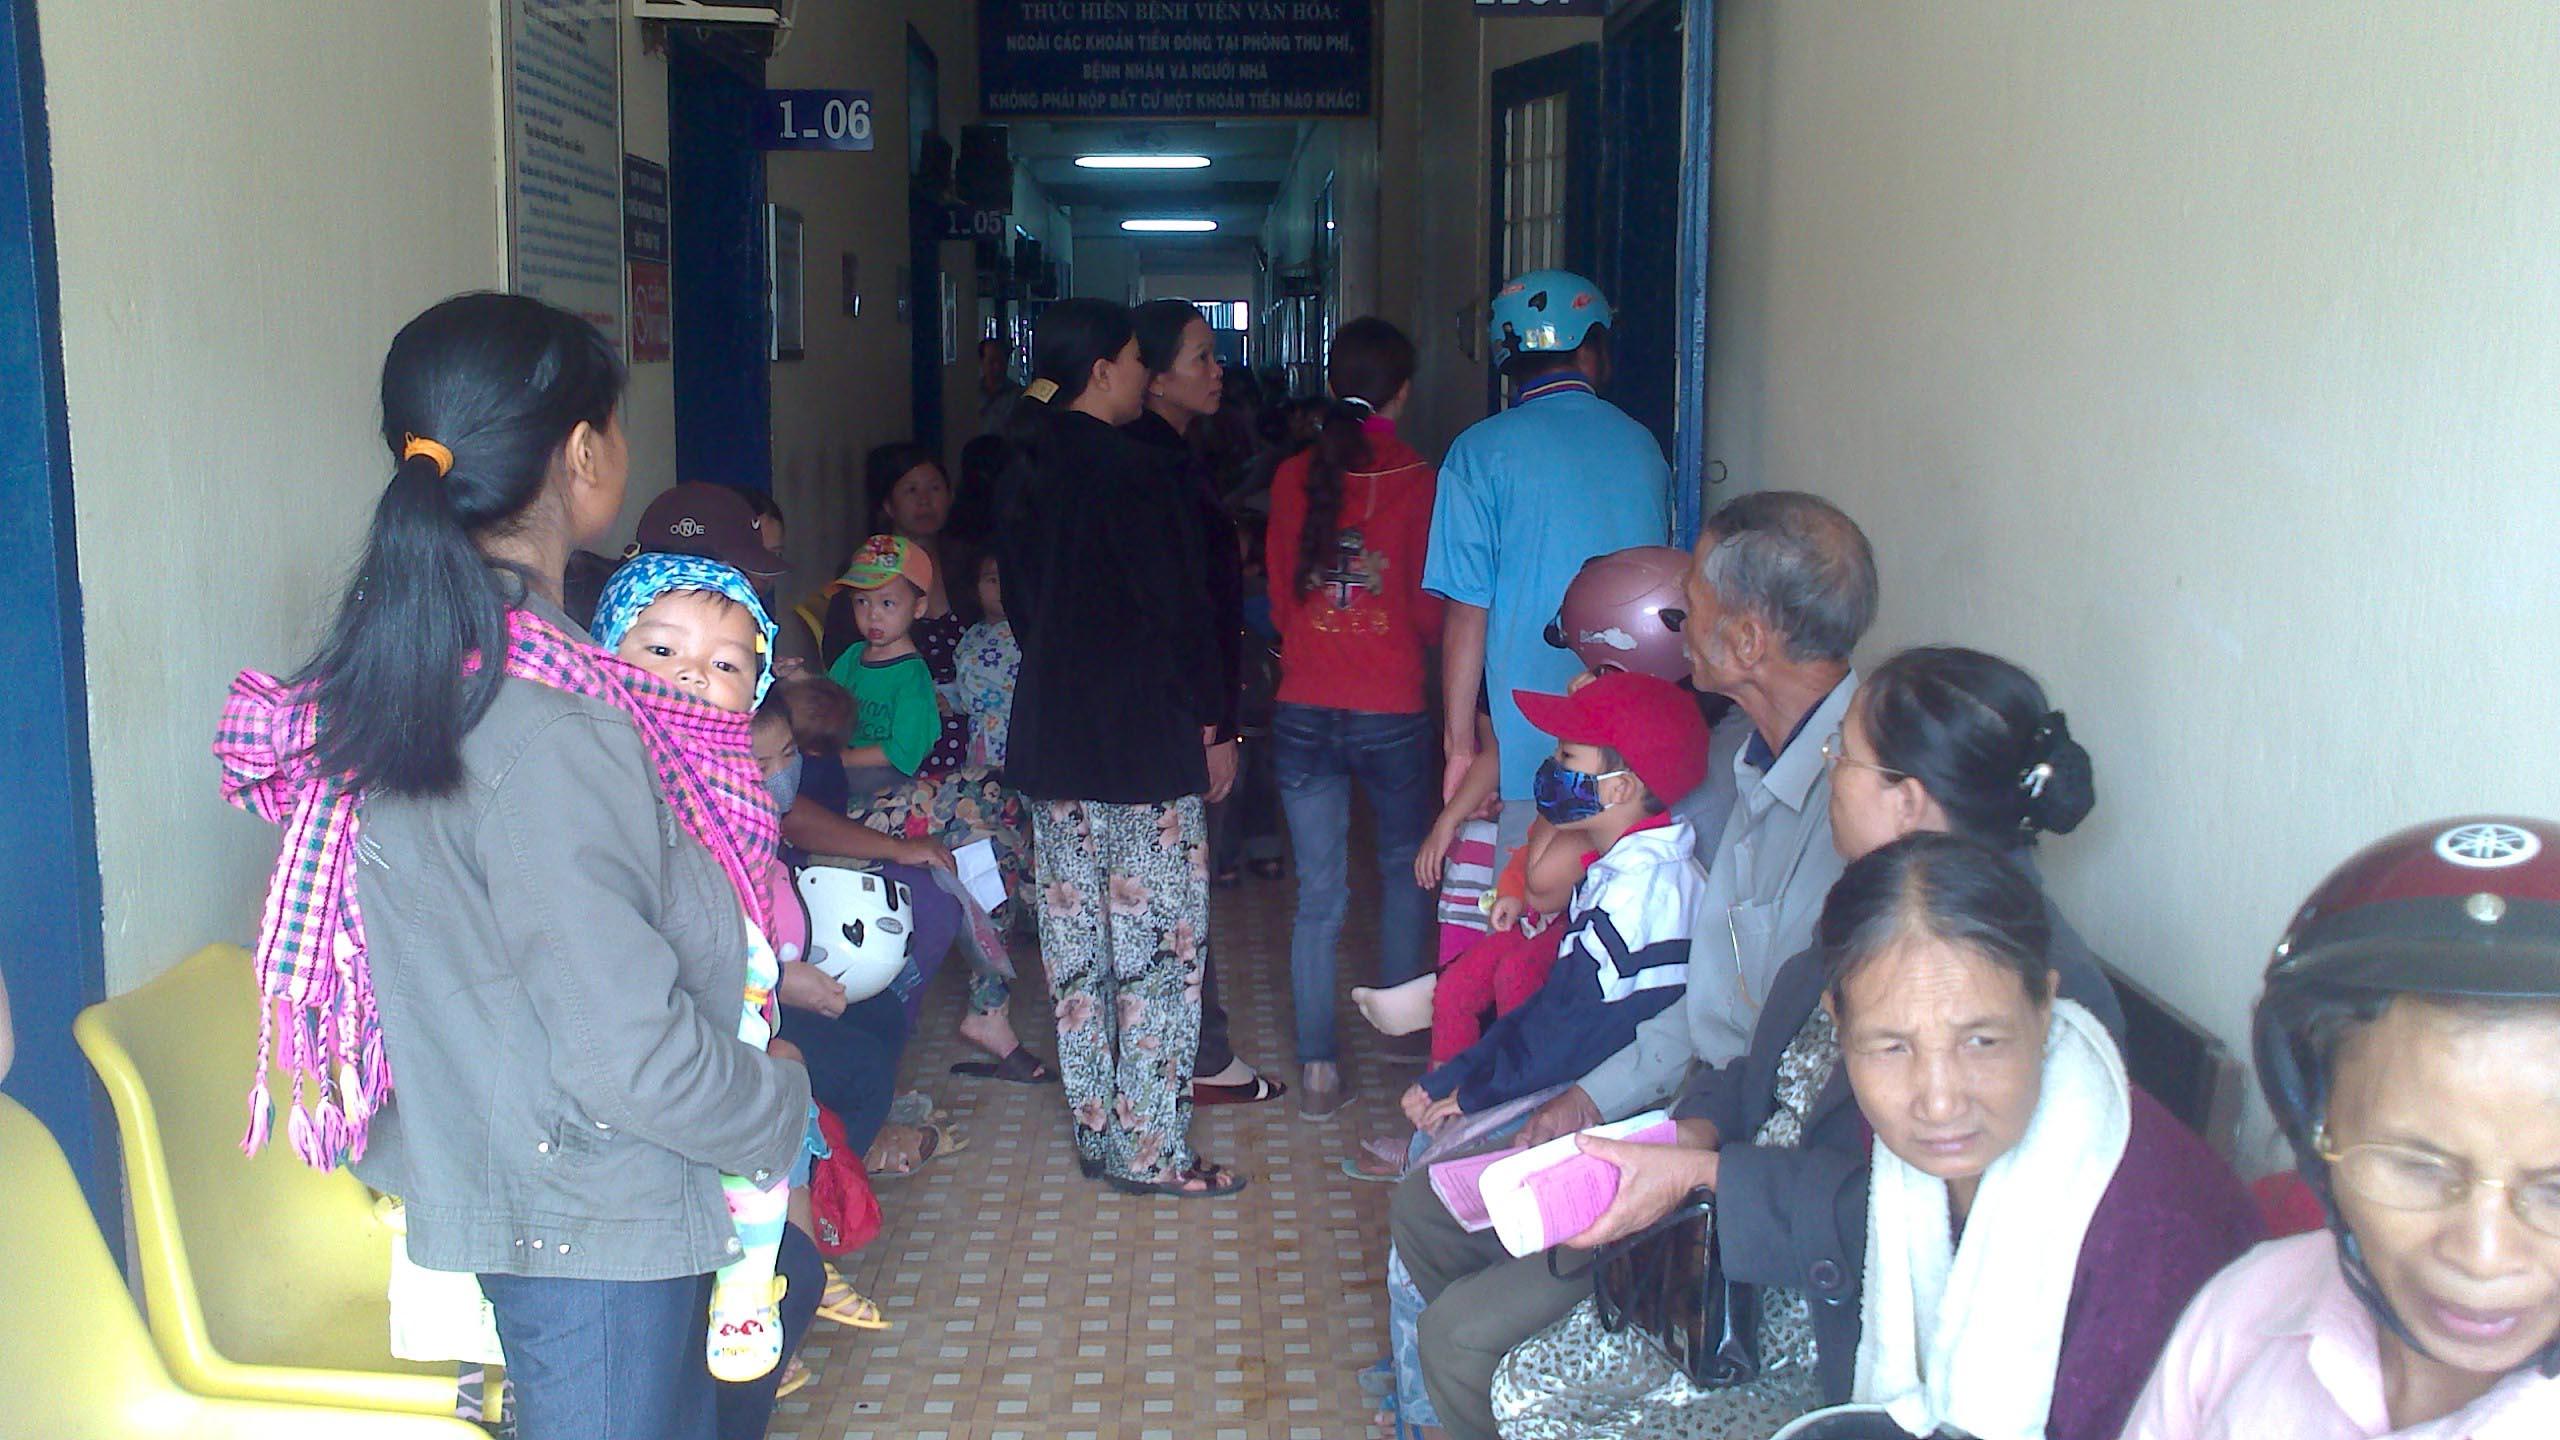 Khám bệnh tim và mắt cho hơn 1.200 người ở Kon Tum 2